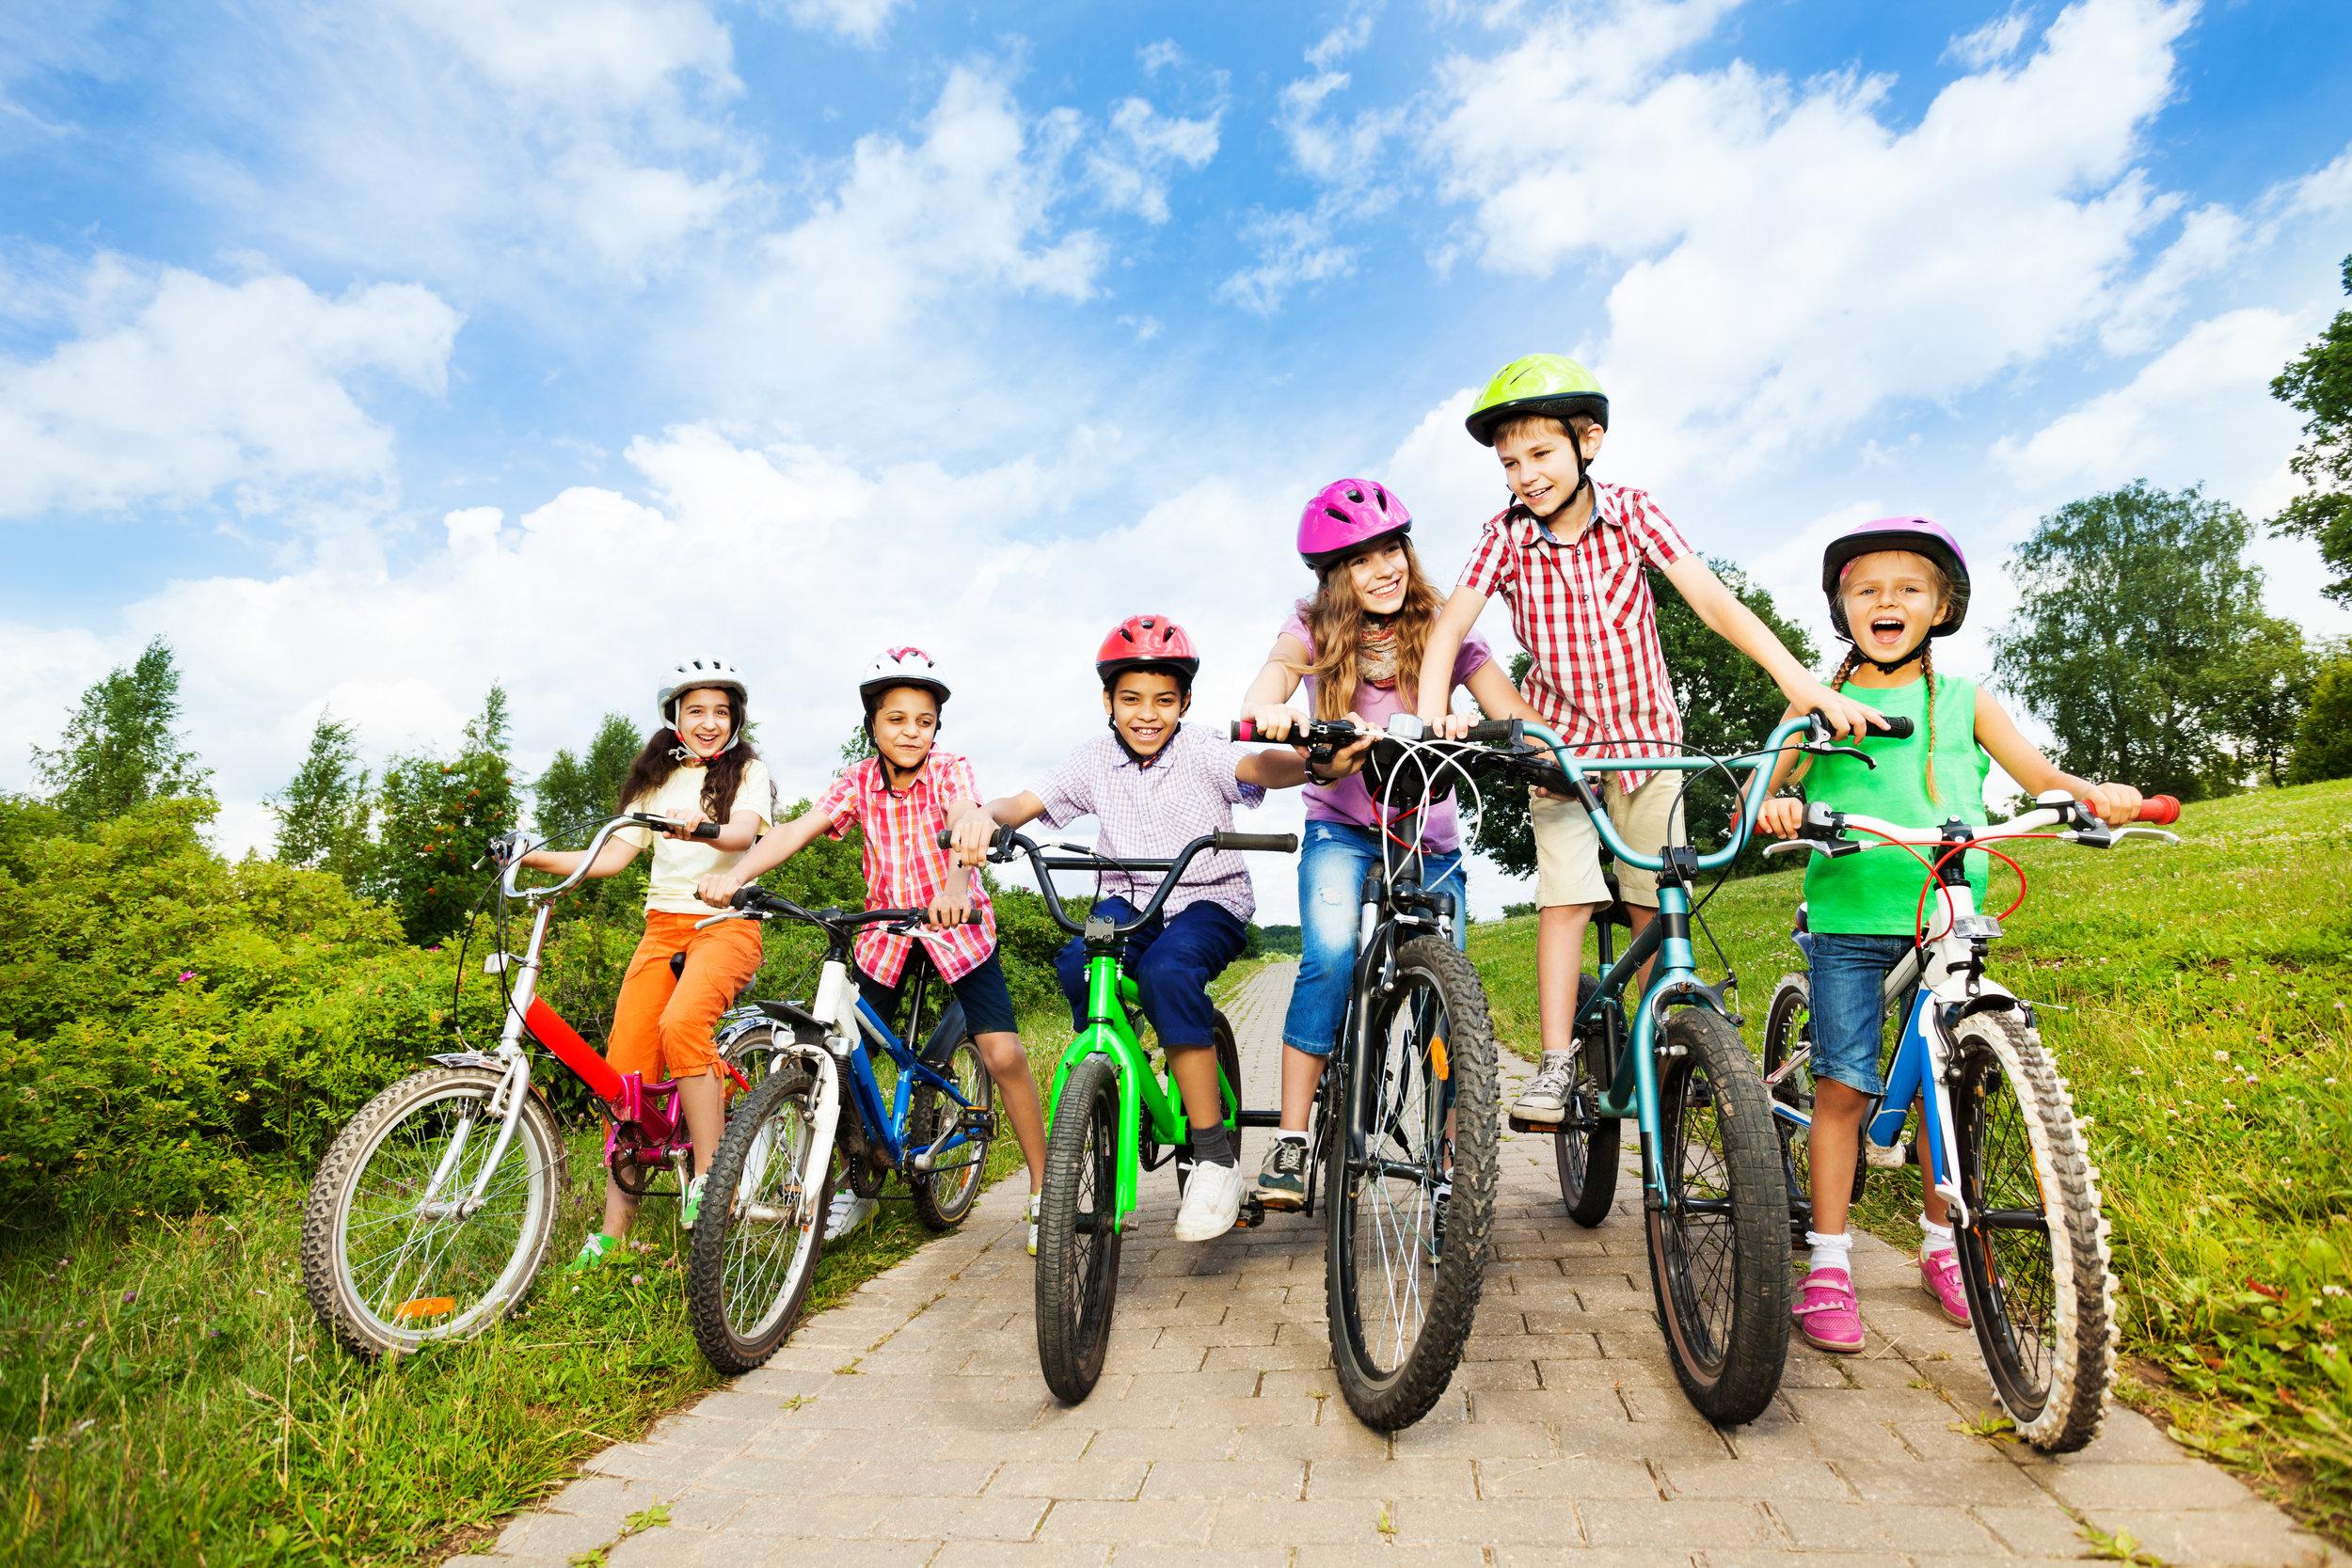 Norte-ridestar-kids-biking-66-days-lifeandwhim.jpg